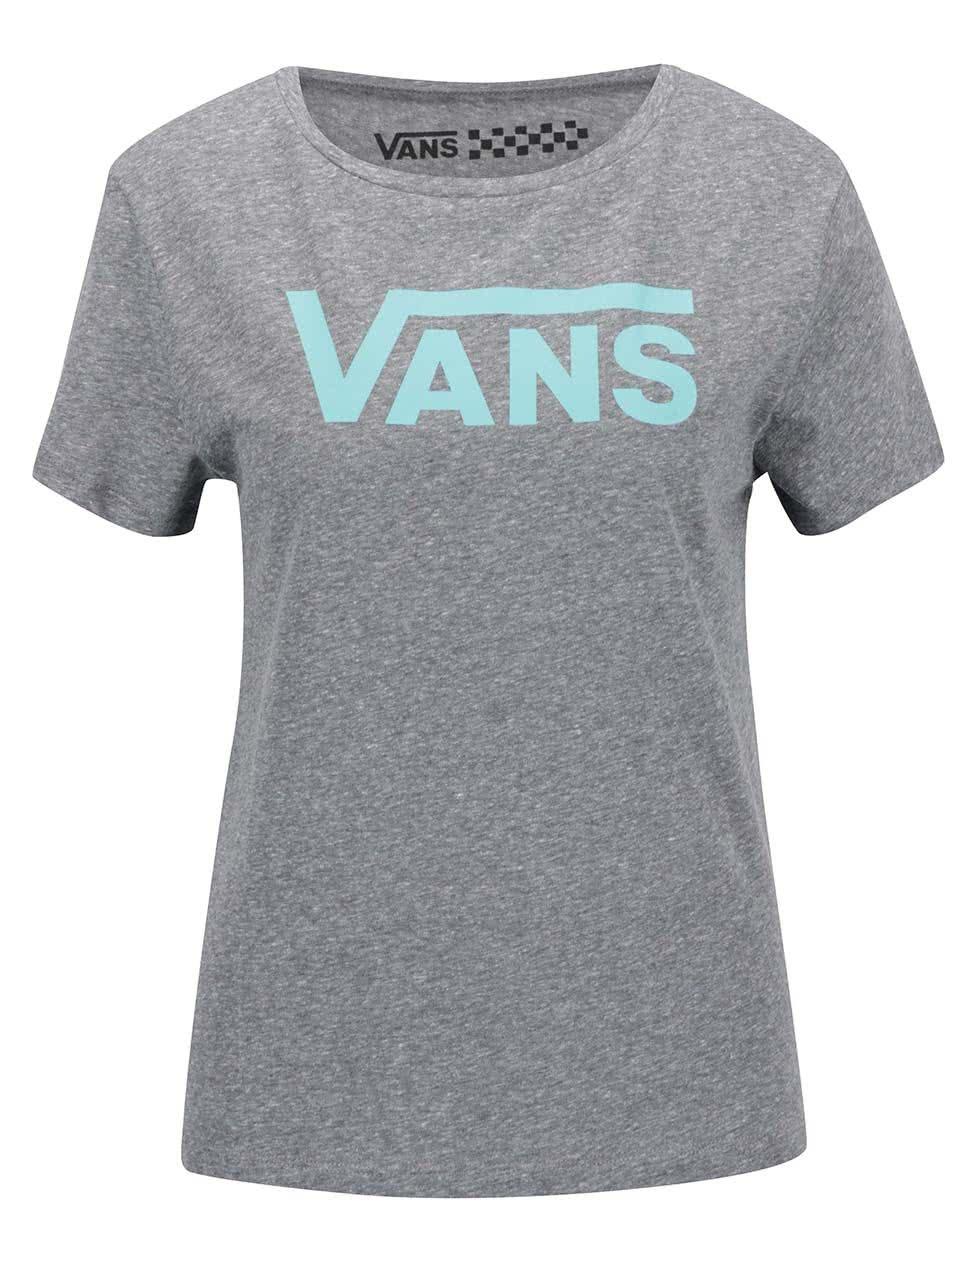 Šedé žíhané dámské tričko Vans Timeless